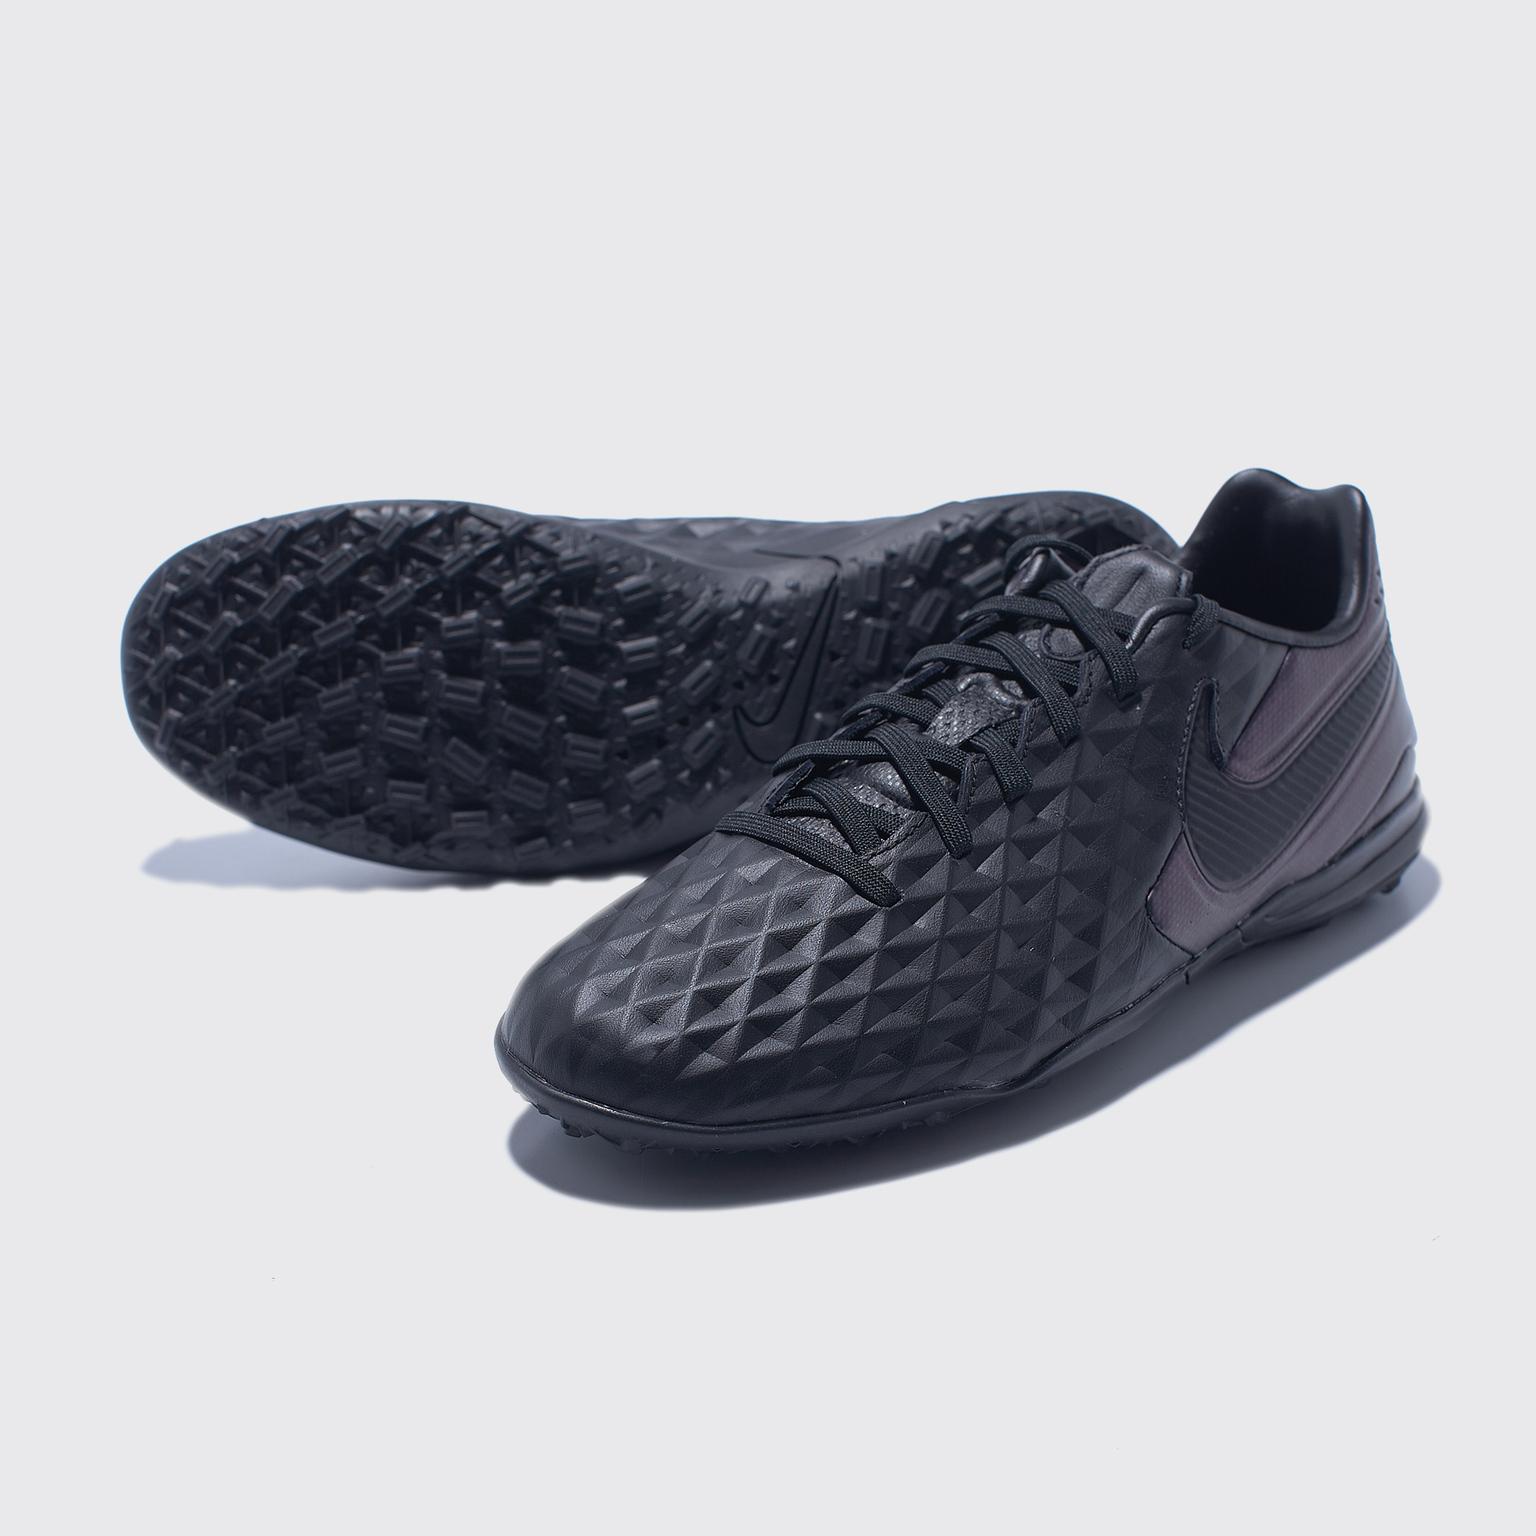 Шиповки Nike Legend 8 Pro TF AT6136-010 nobrand 46 010 05 8